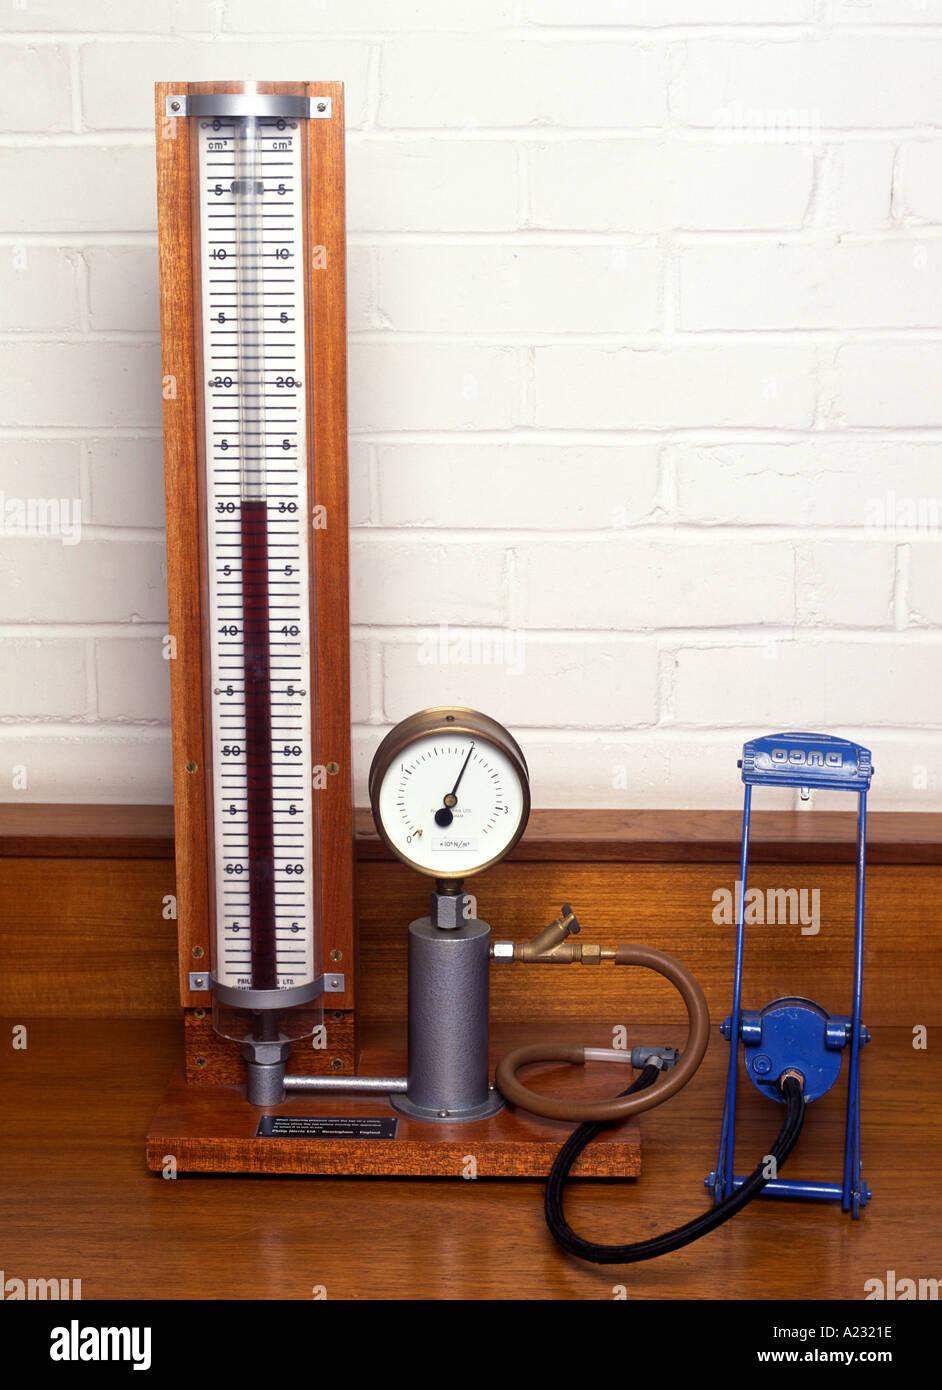 Legge di Boyle apparecchiatura per indagare il rapporto tra la pressione e il volume di un gas Immagini Stock